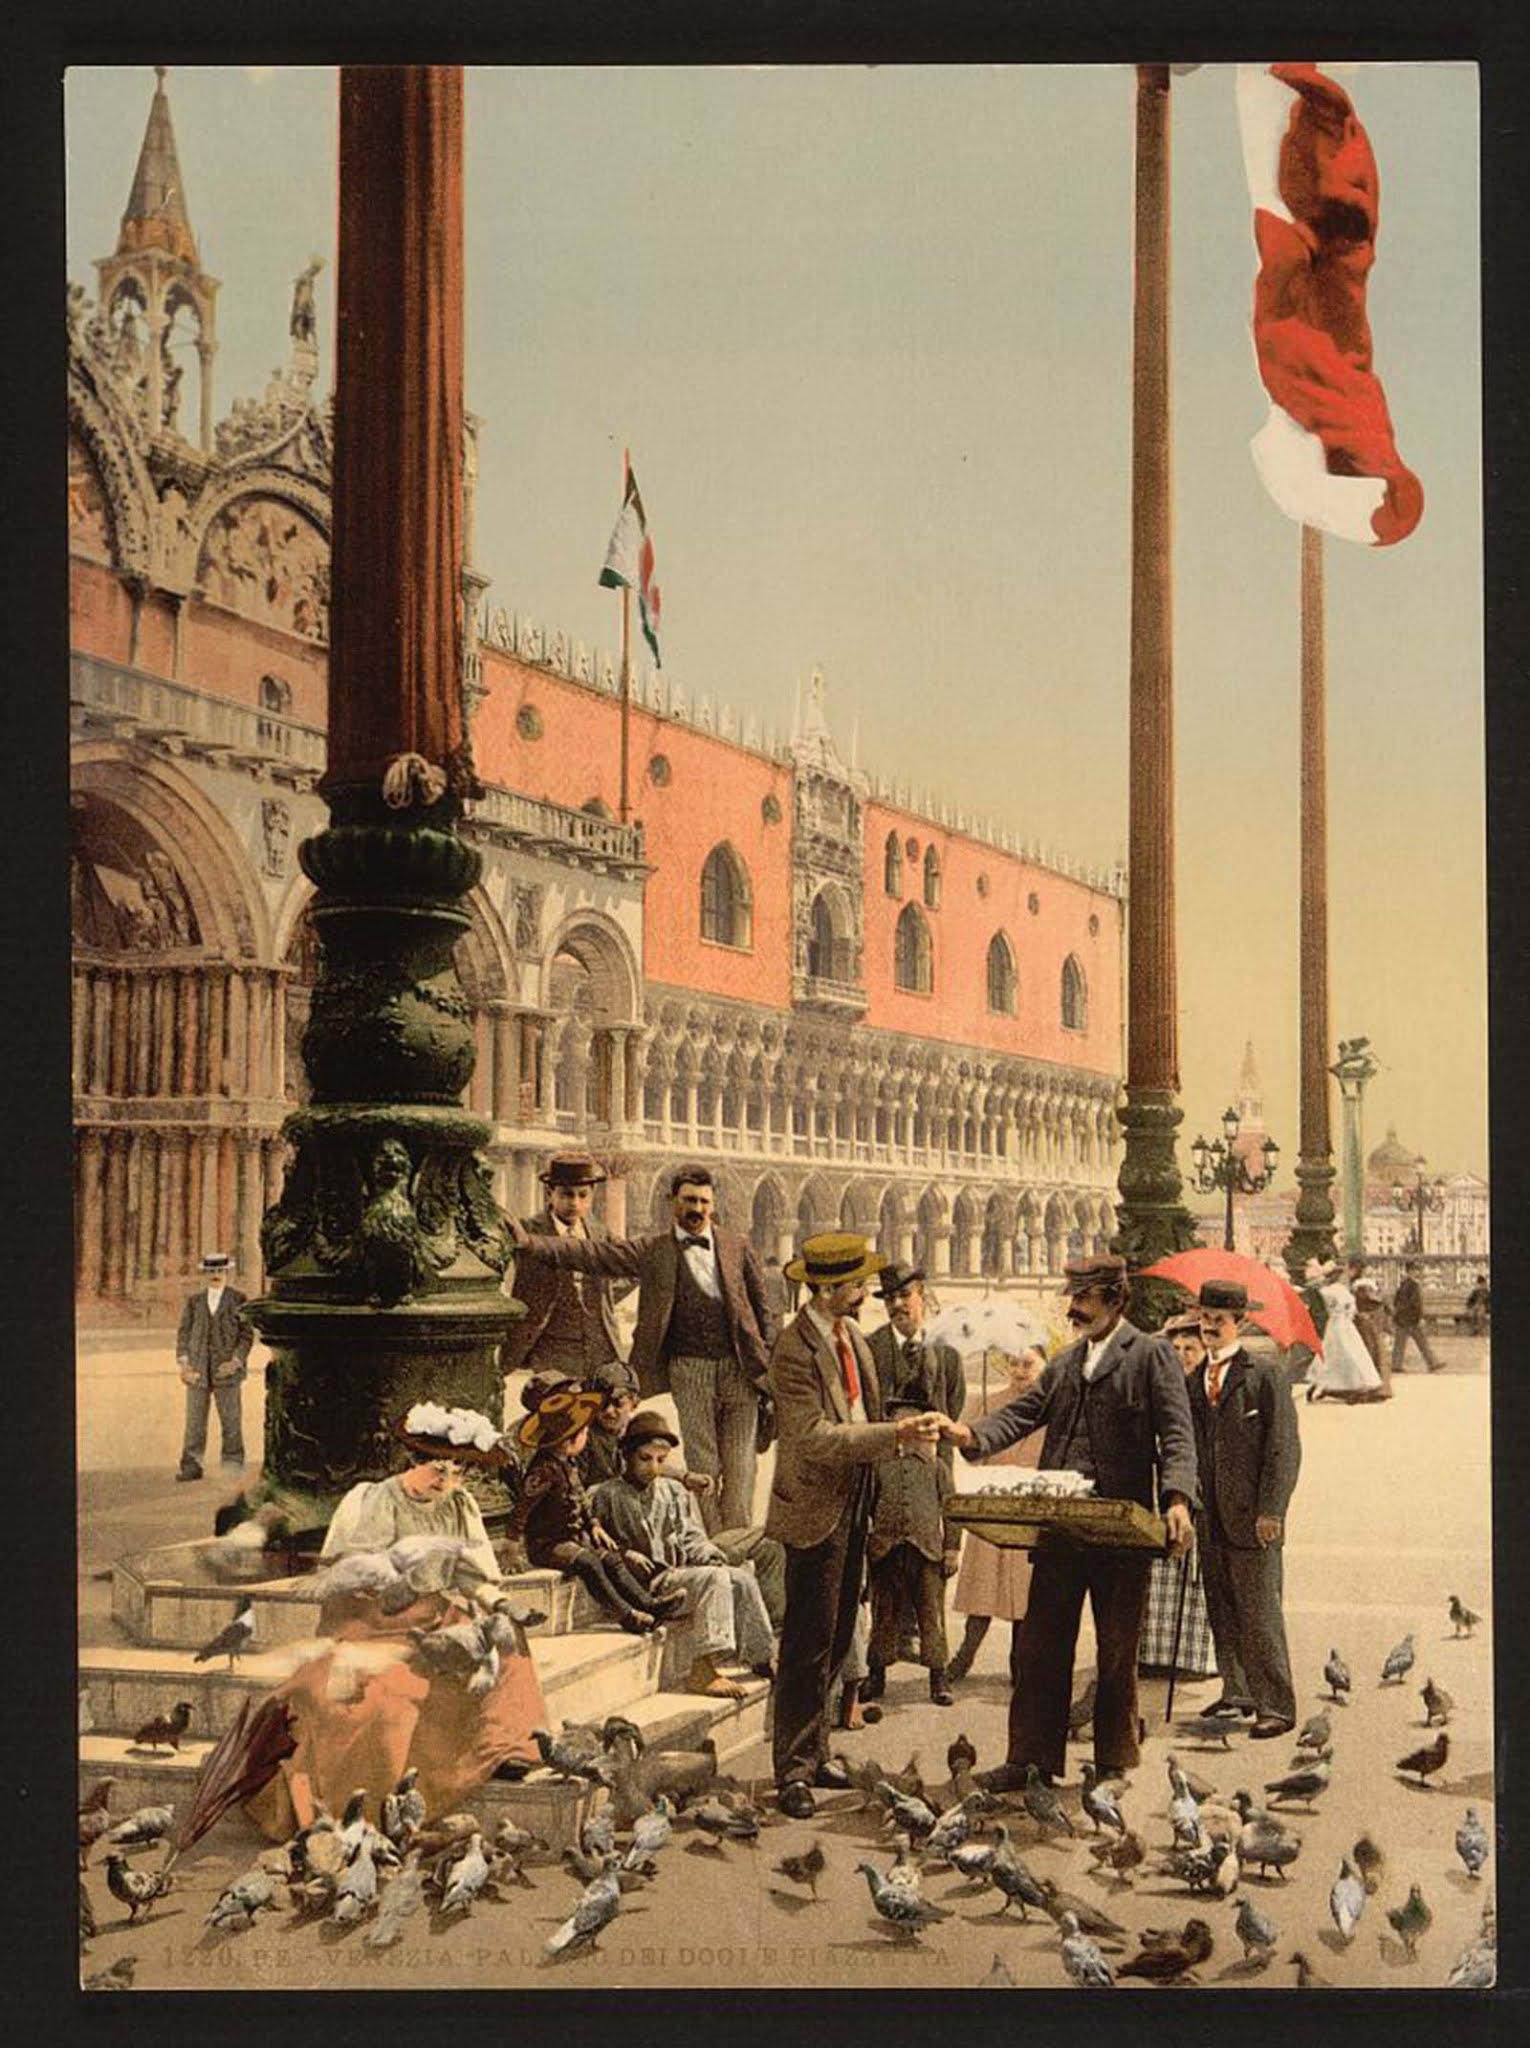 Venice, 1890s.